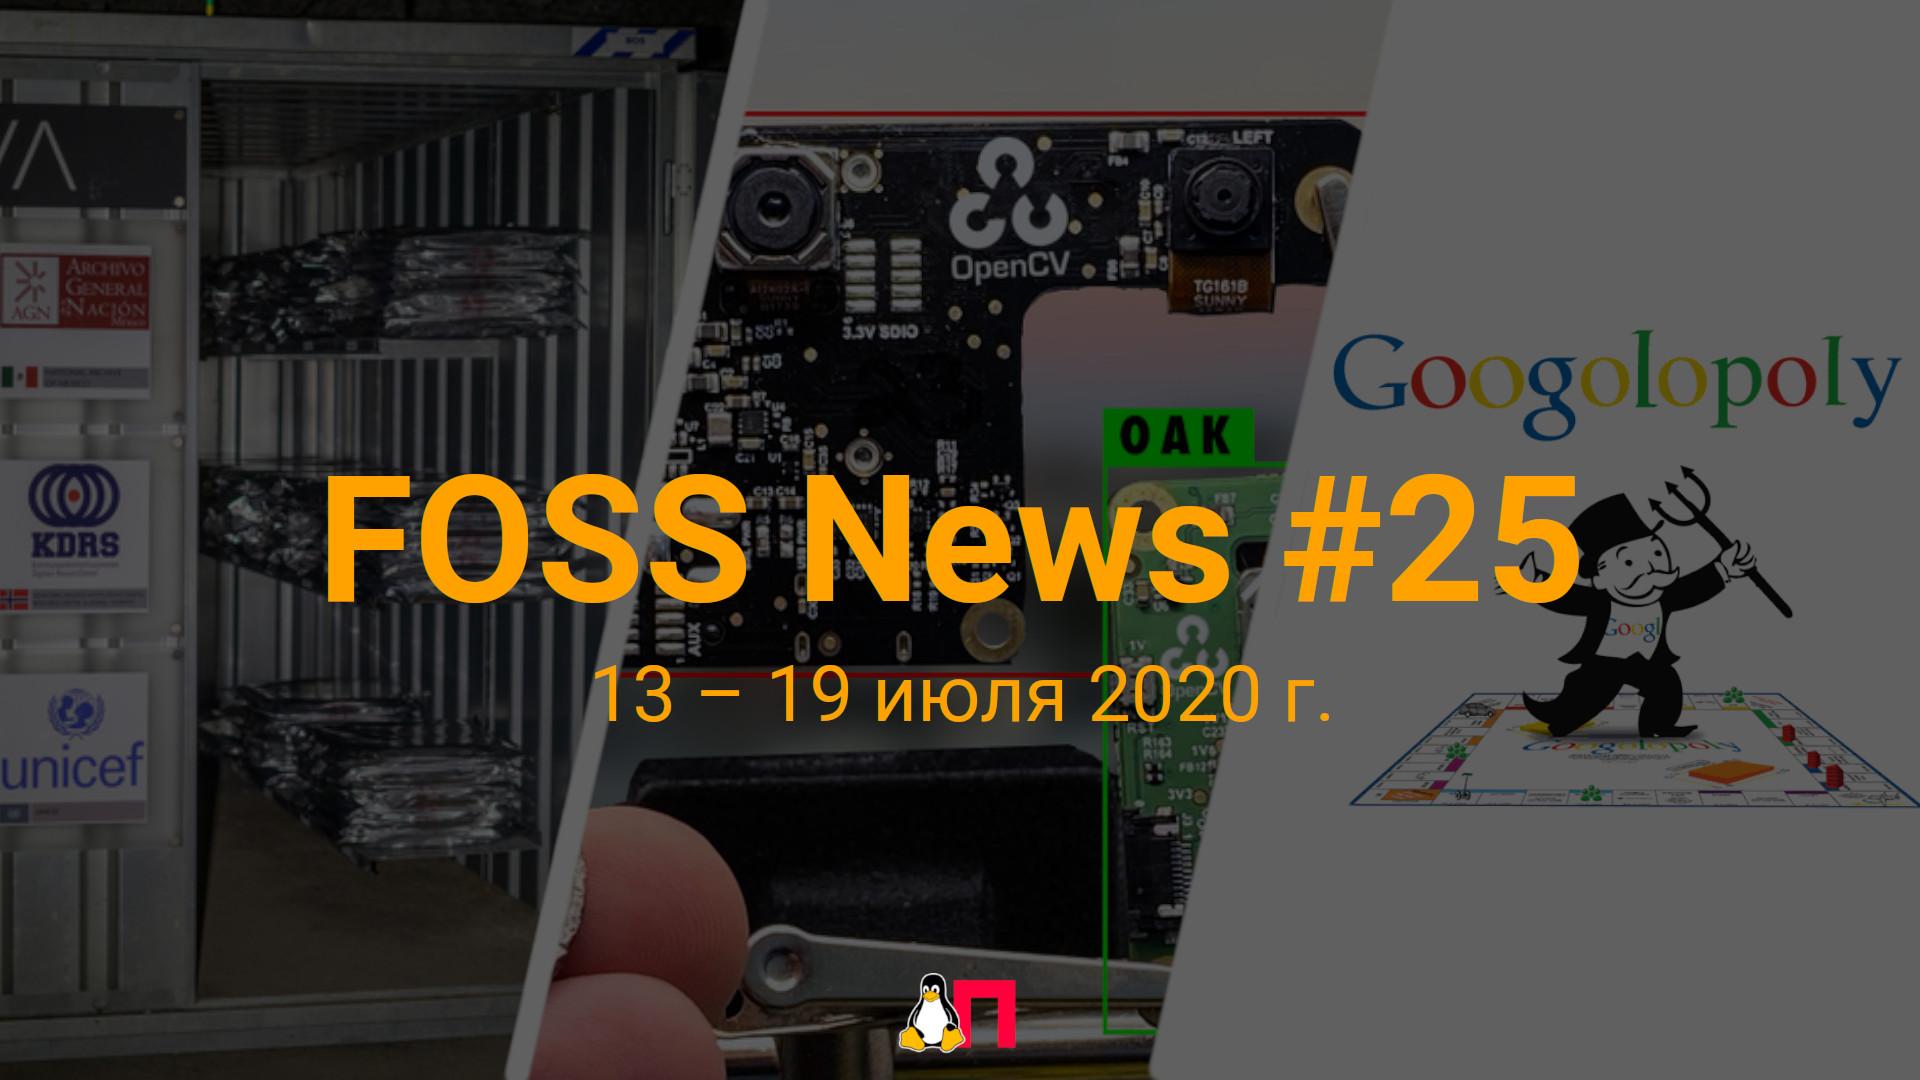 FOSS News 25  обзор новостей свободного и открытого ПО за 1319 июля 2020 года